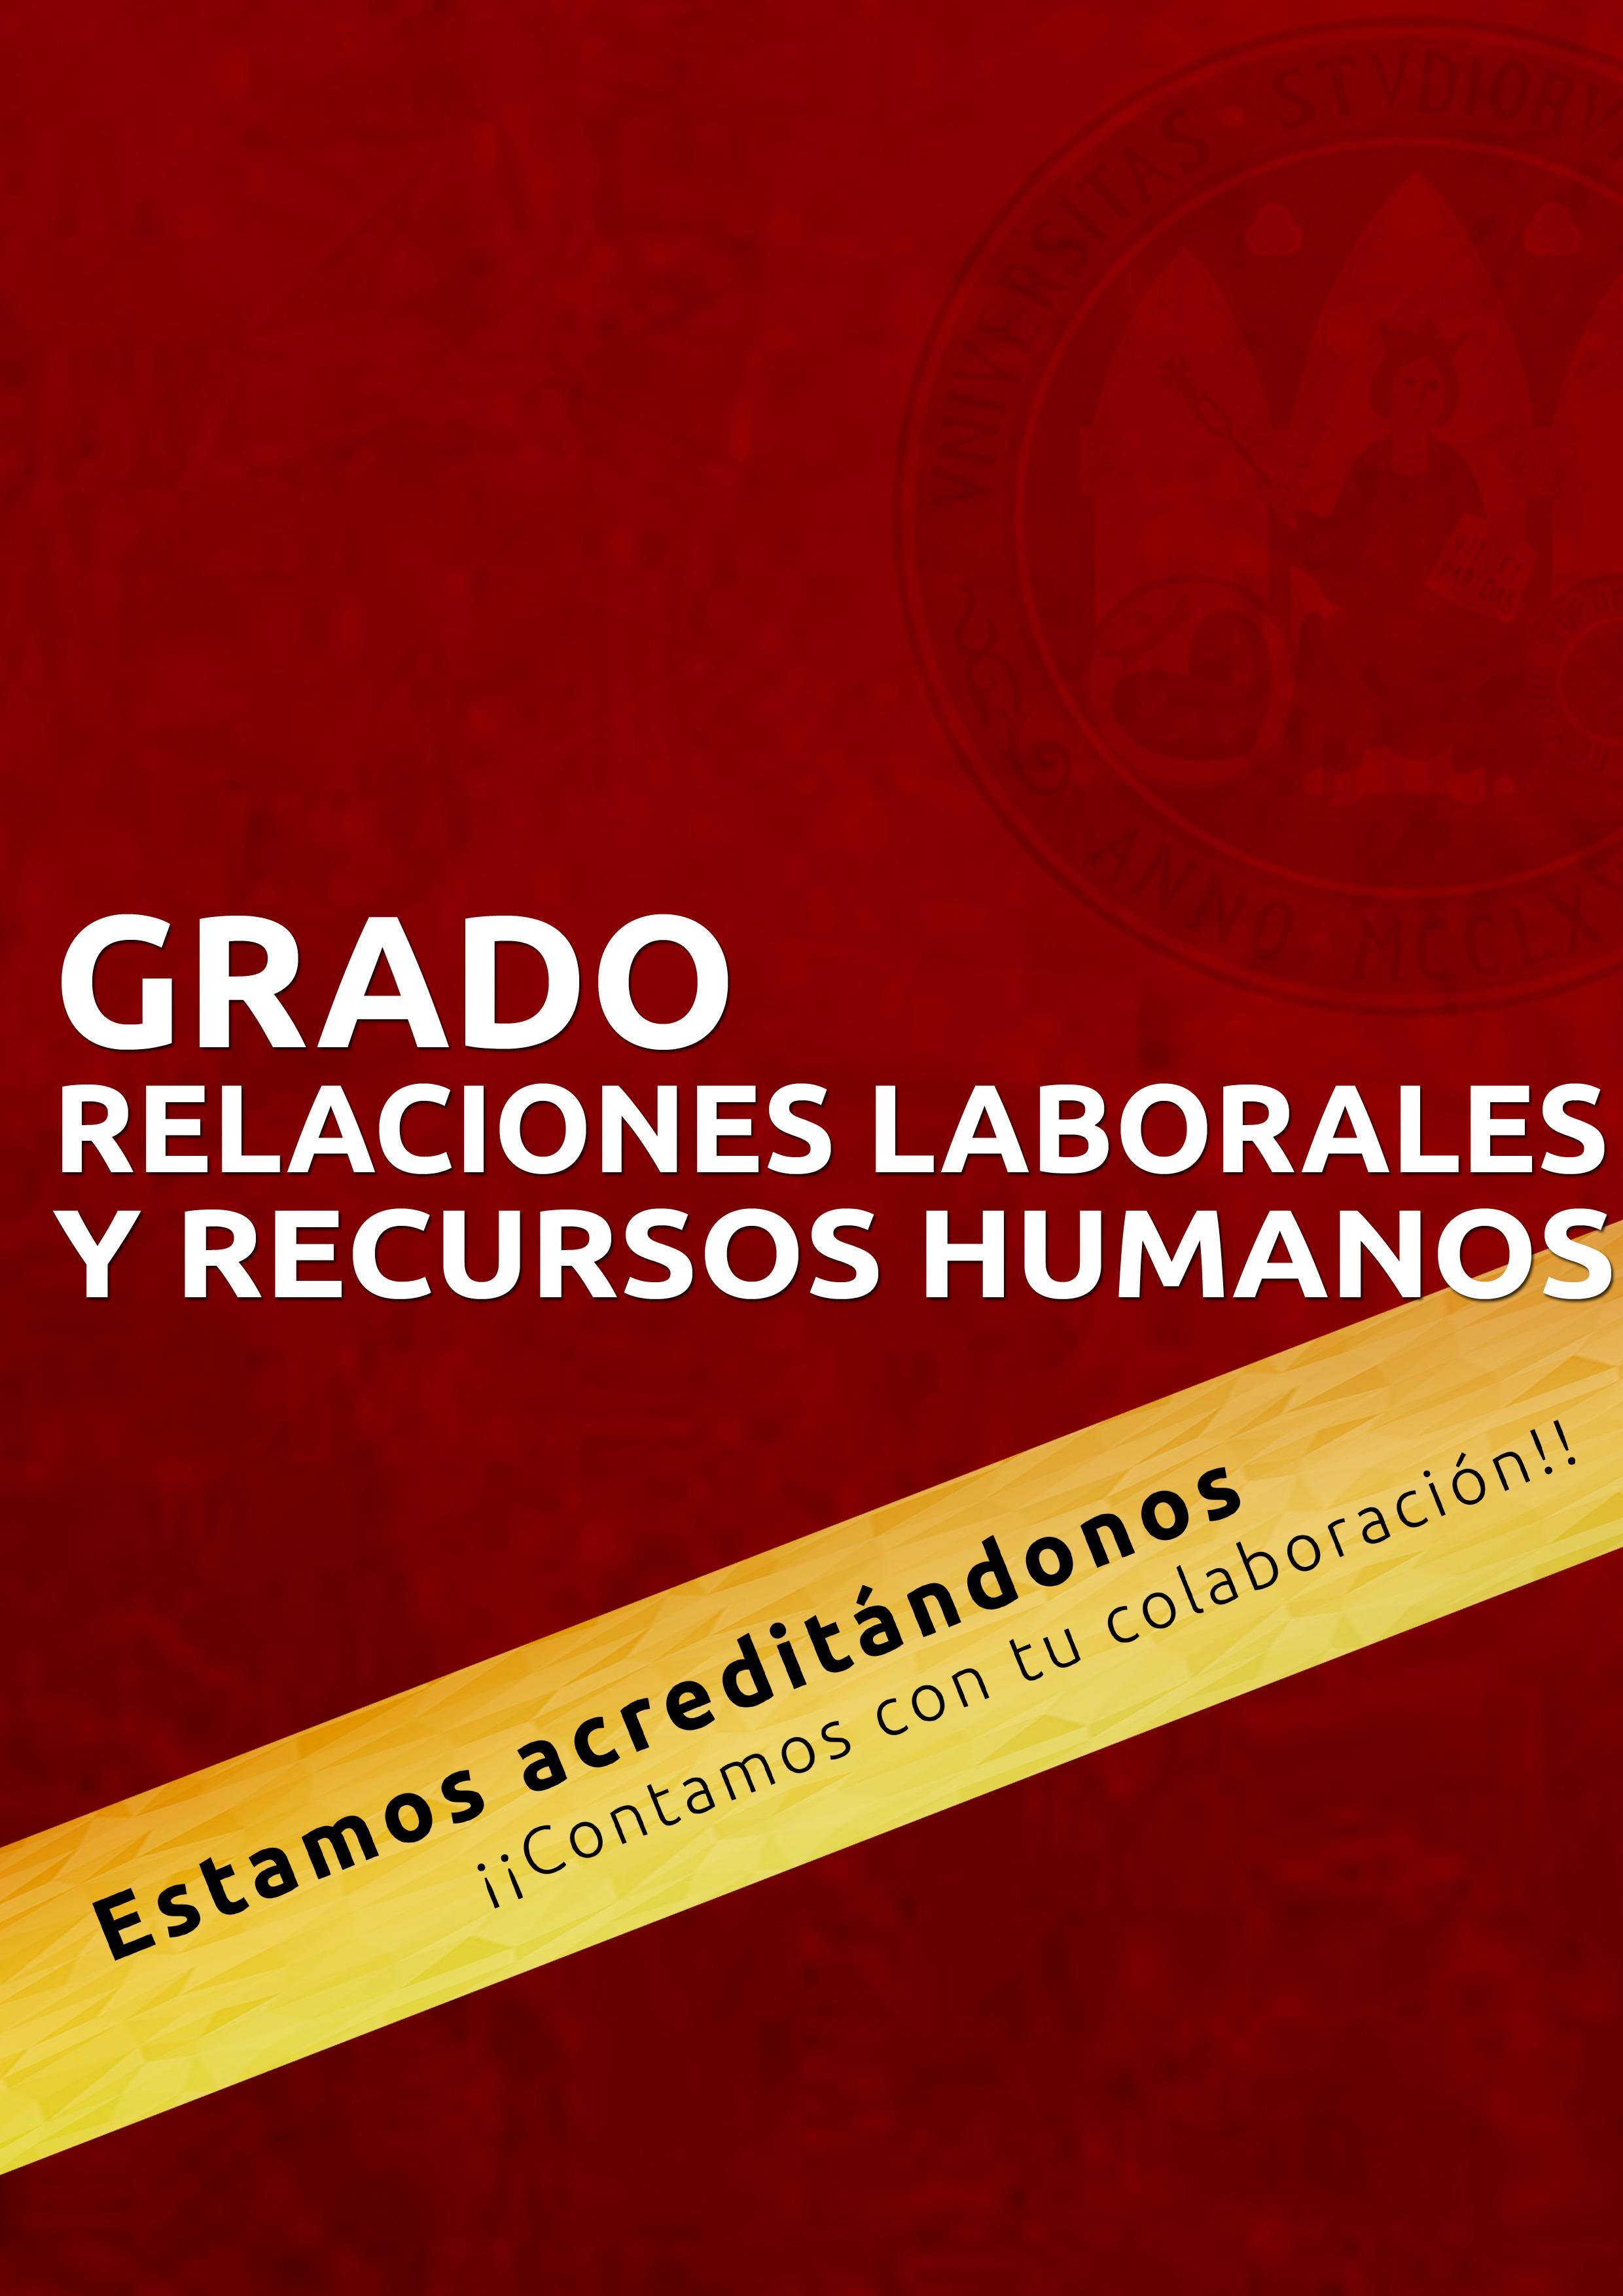 Renovación de la acreditación del Grado de Relaciones Laborales y Recursos Humanos